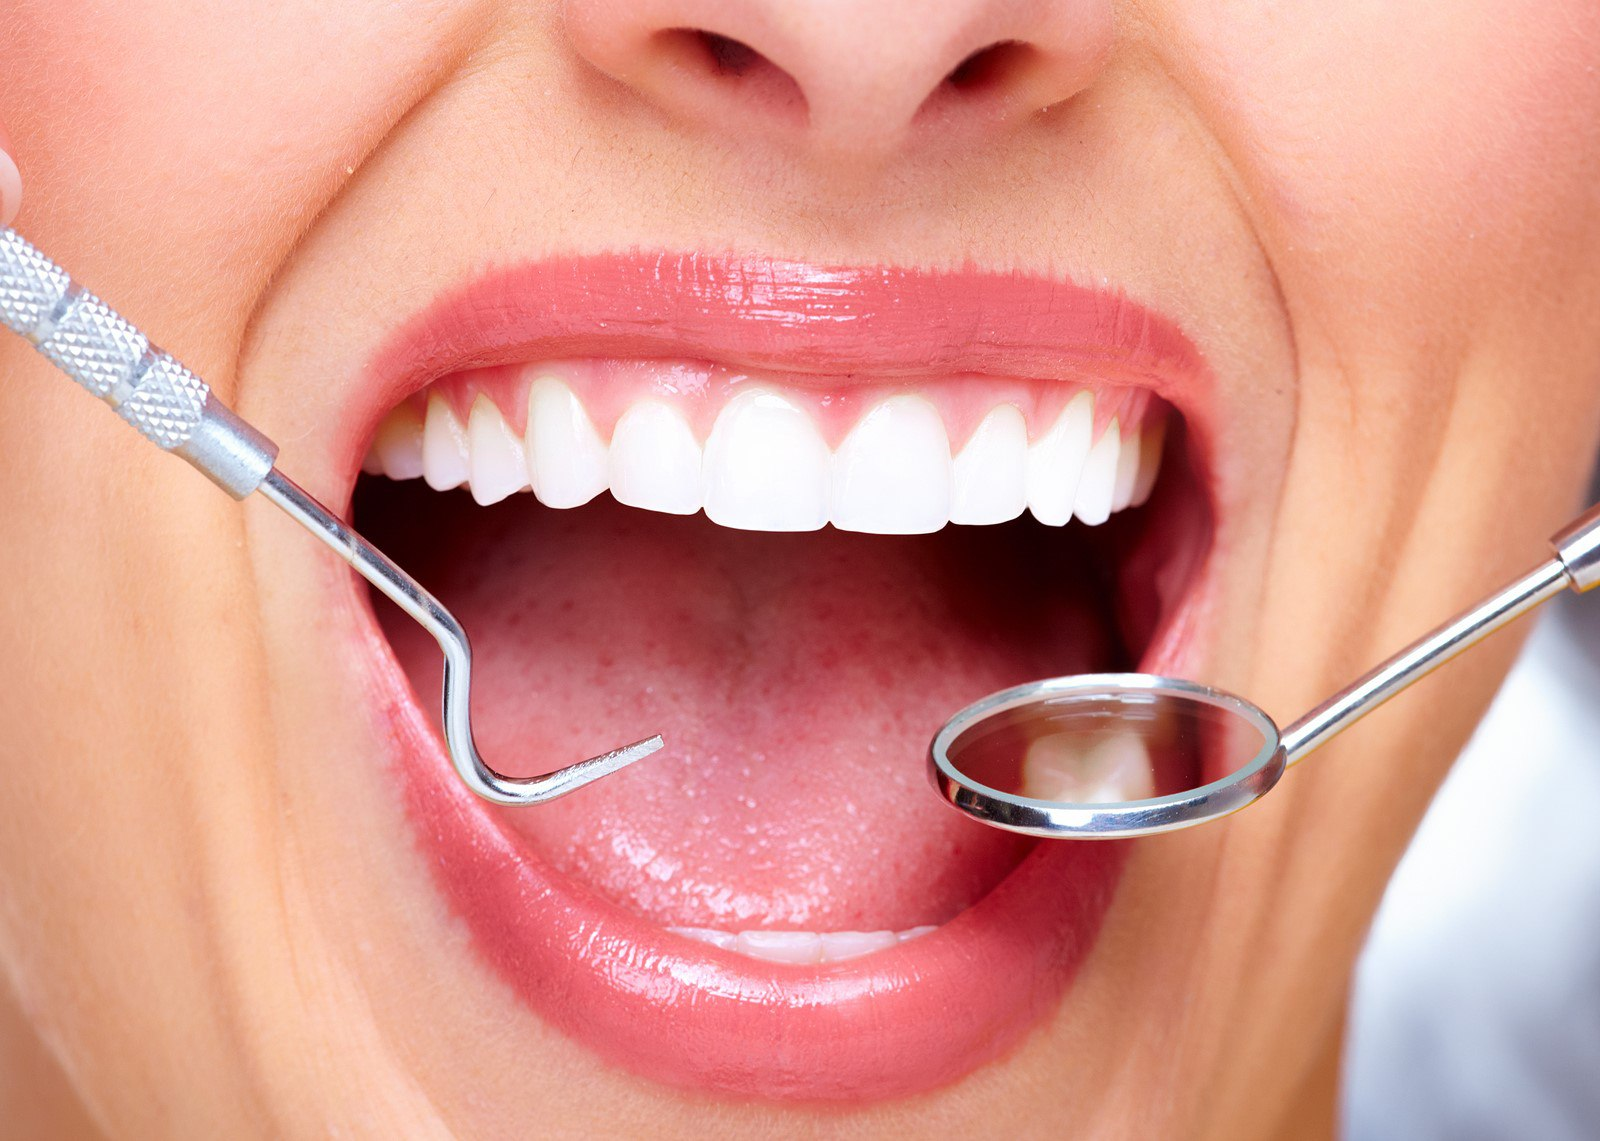 Косметический стоматолог: улучшайте зубы для прекрасной улыбки